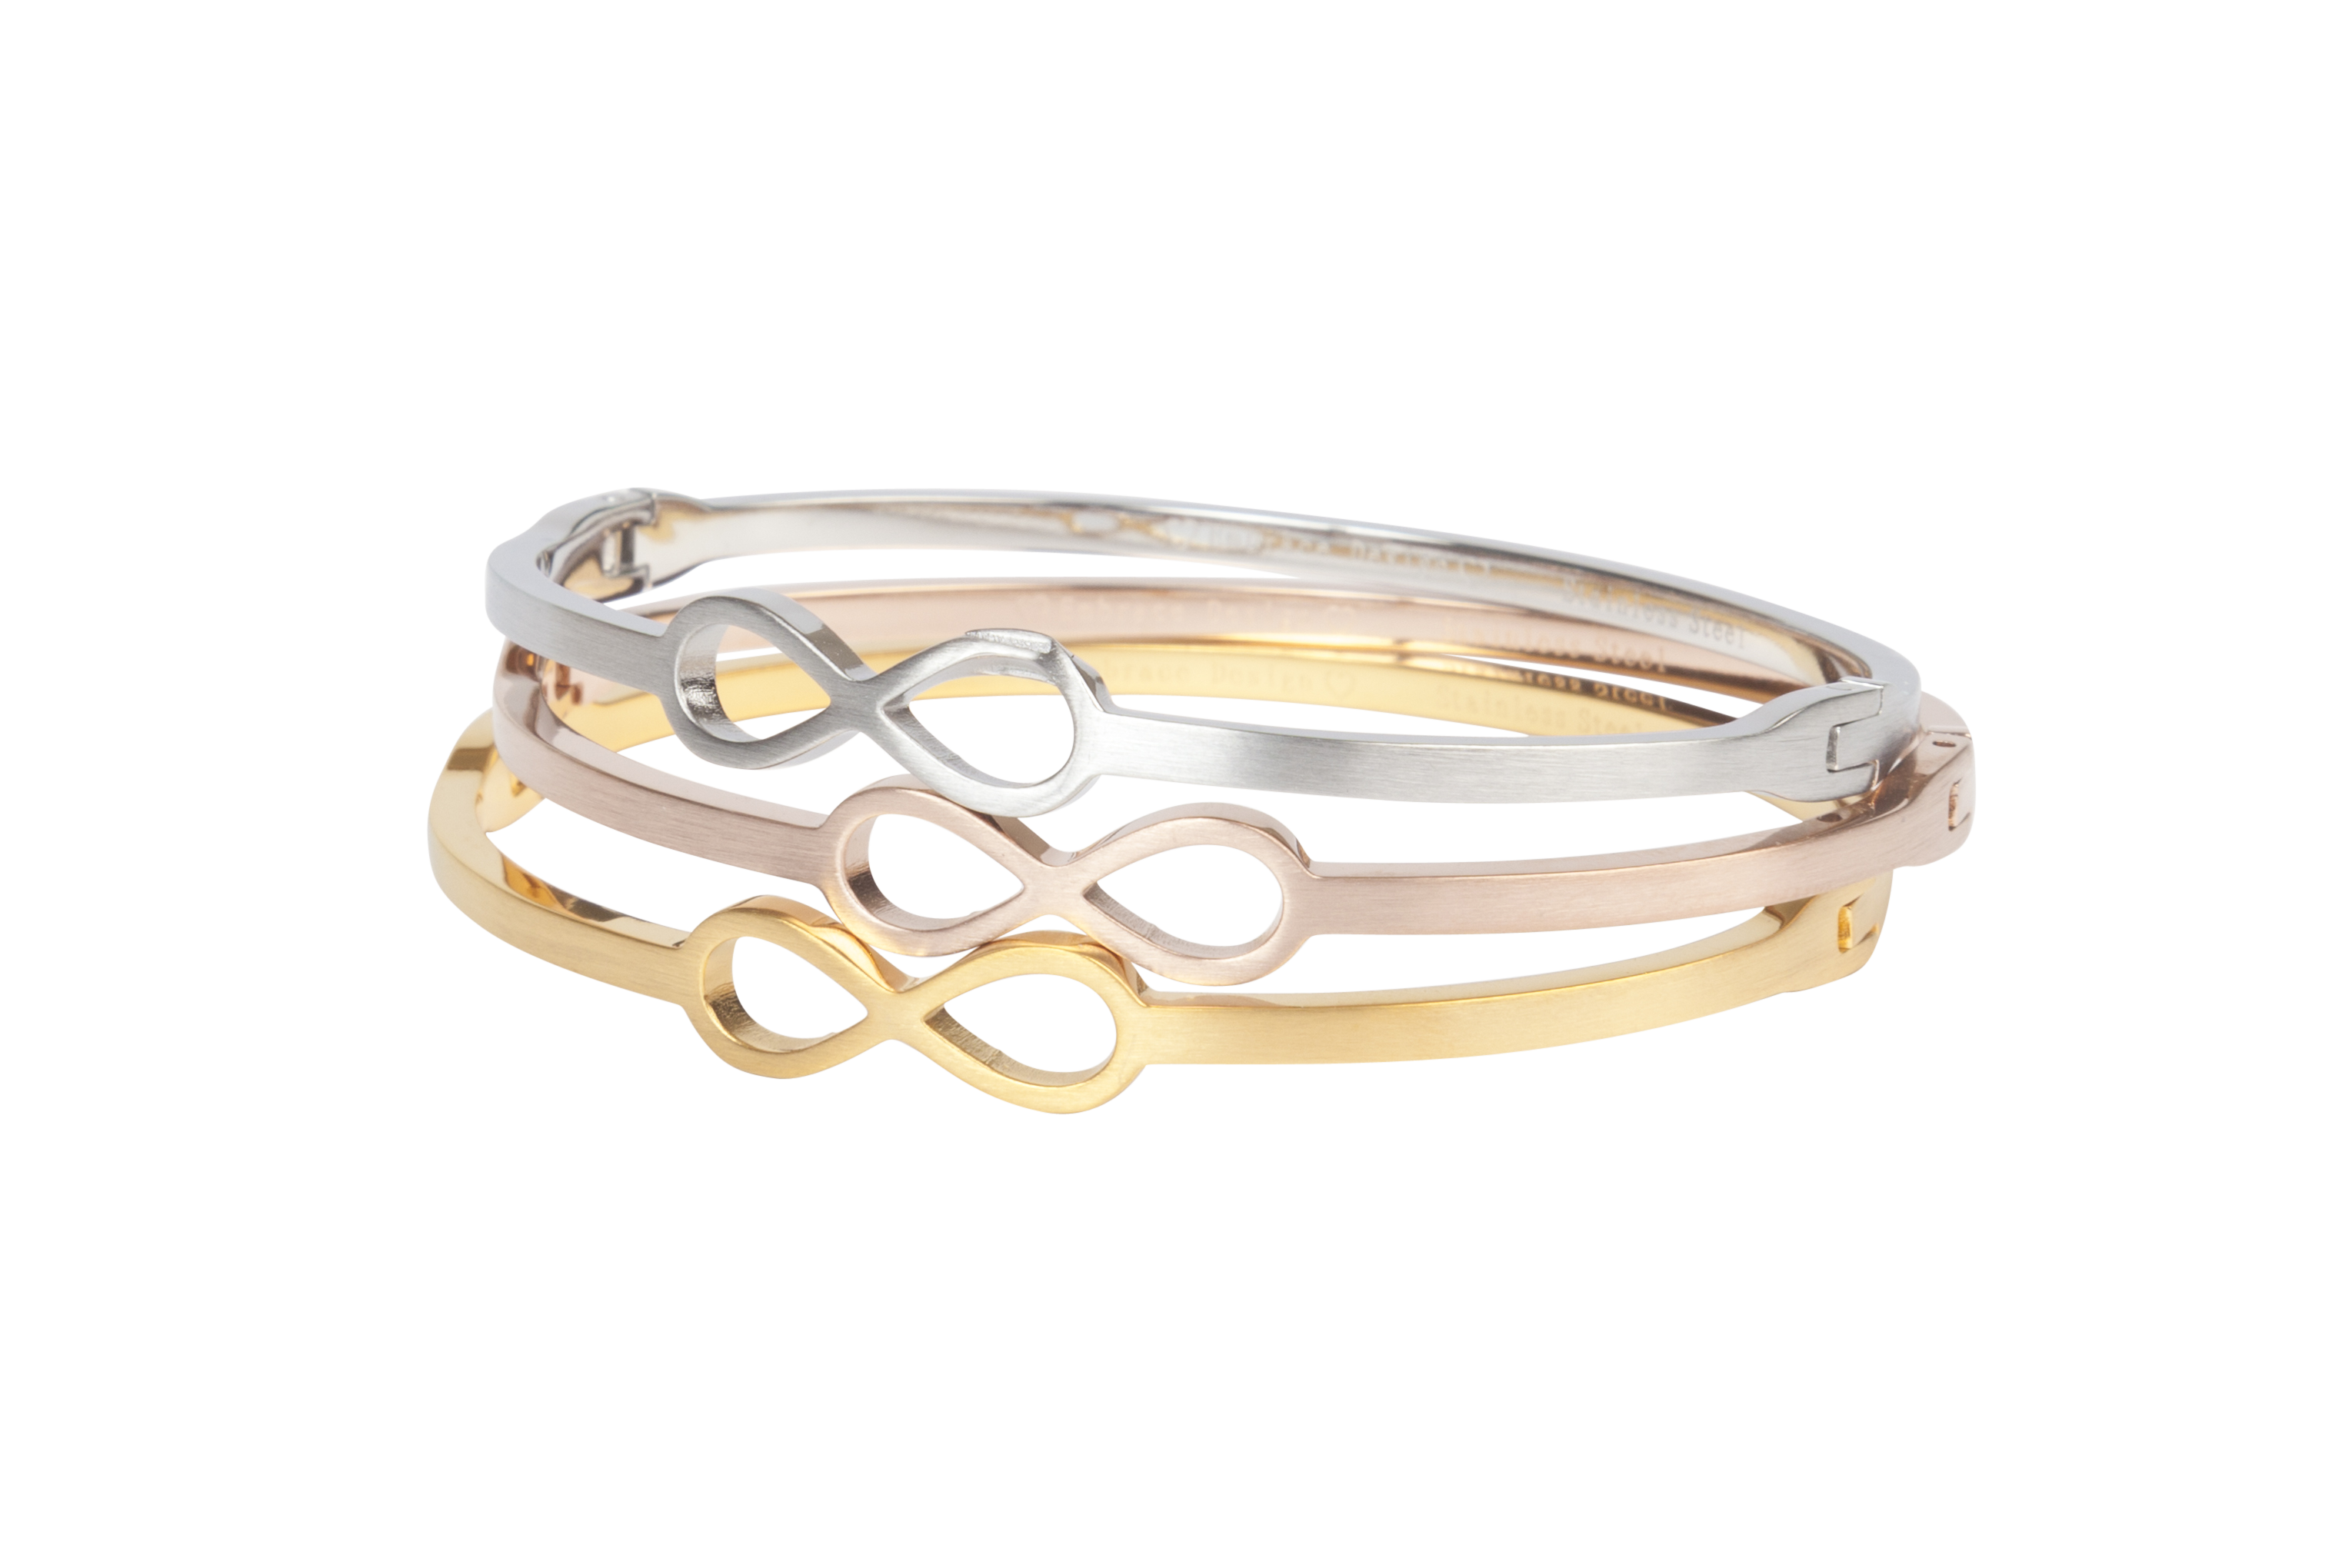 Alicia   Minimalistische bangle met infinity symbool in zilver, goud en rose.